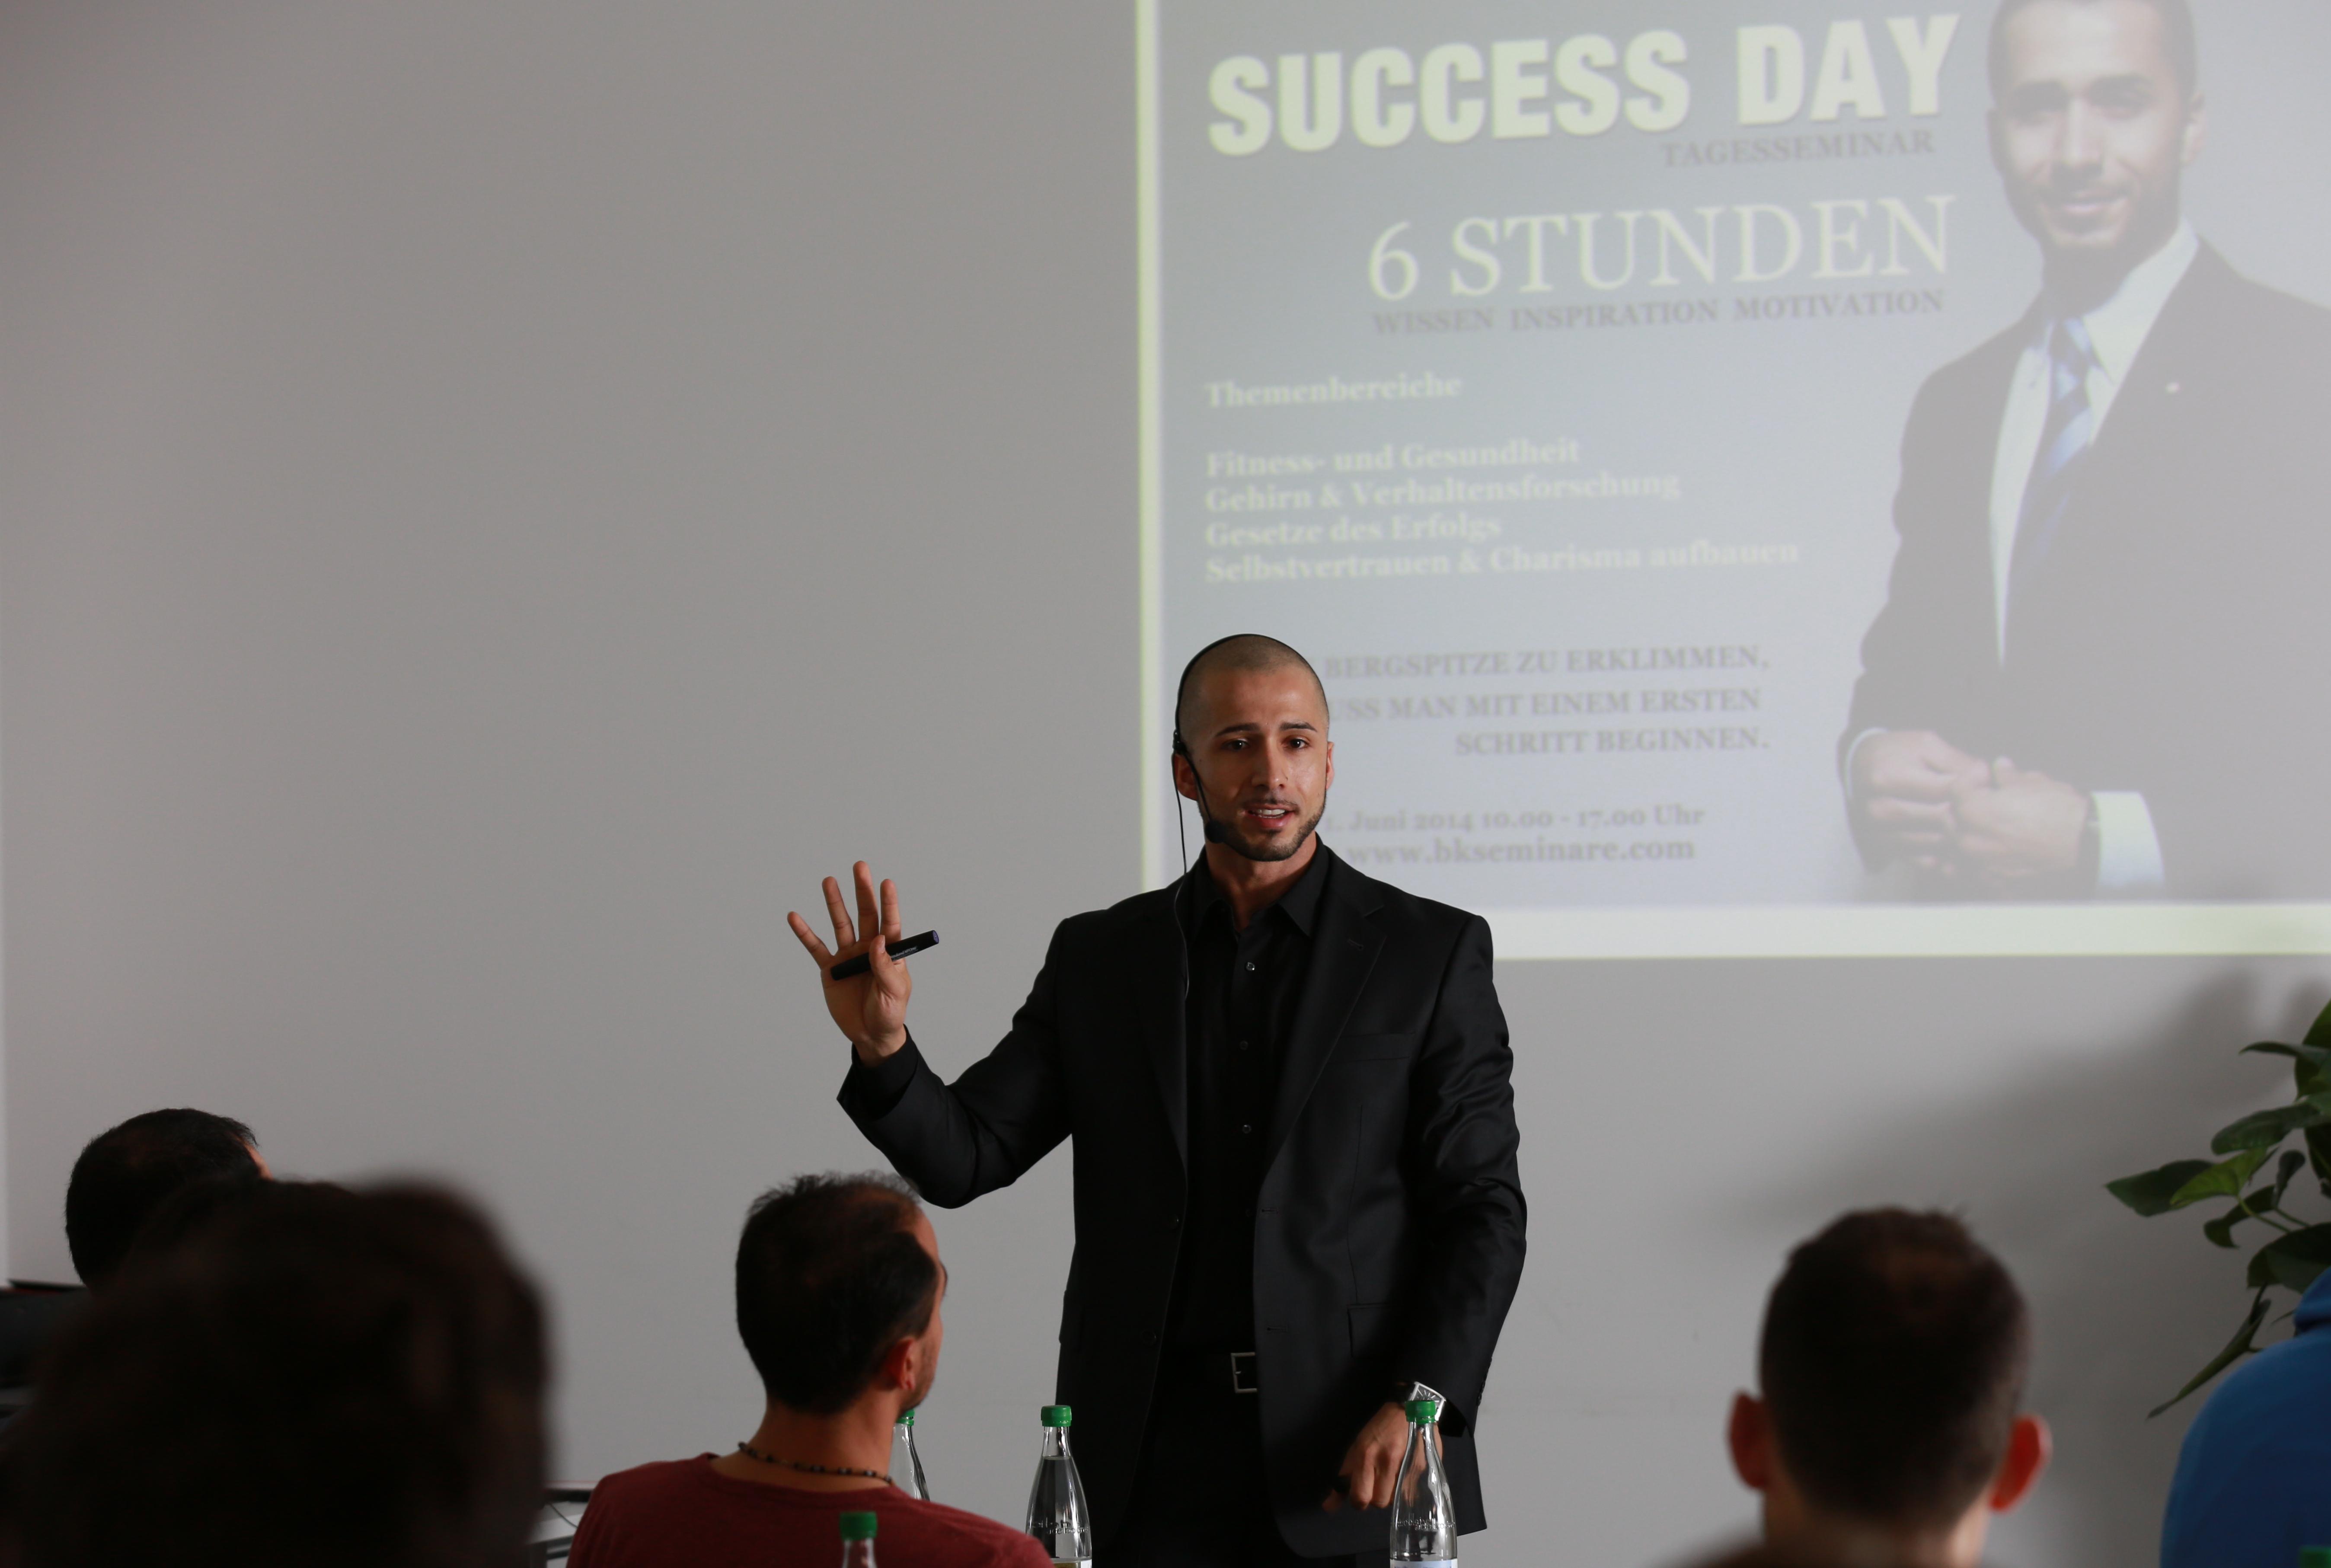 leadershipcoaching ausbildung deutschlan